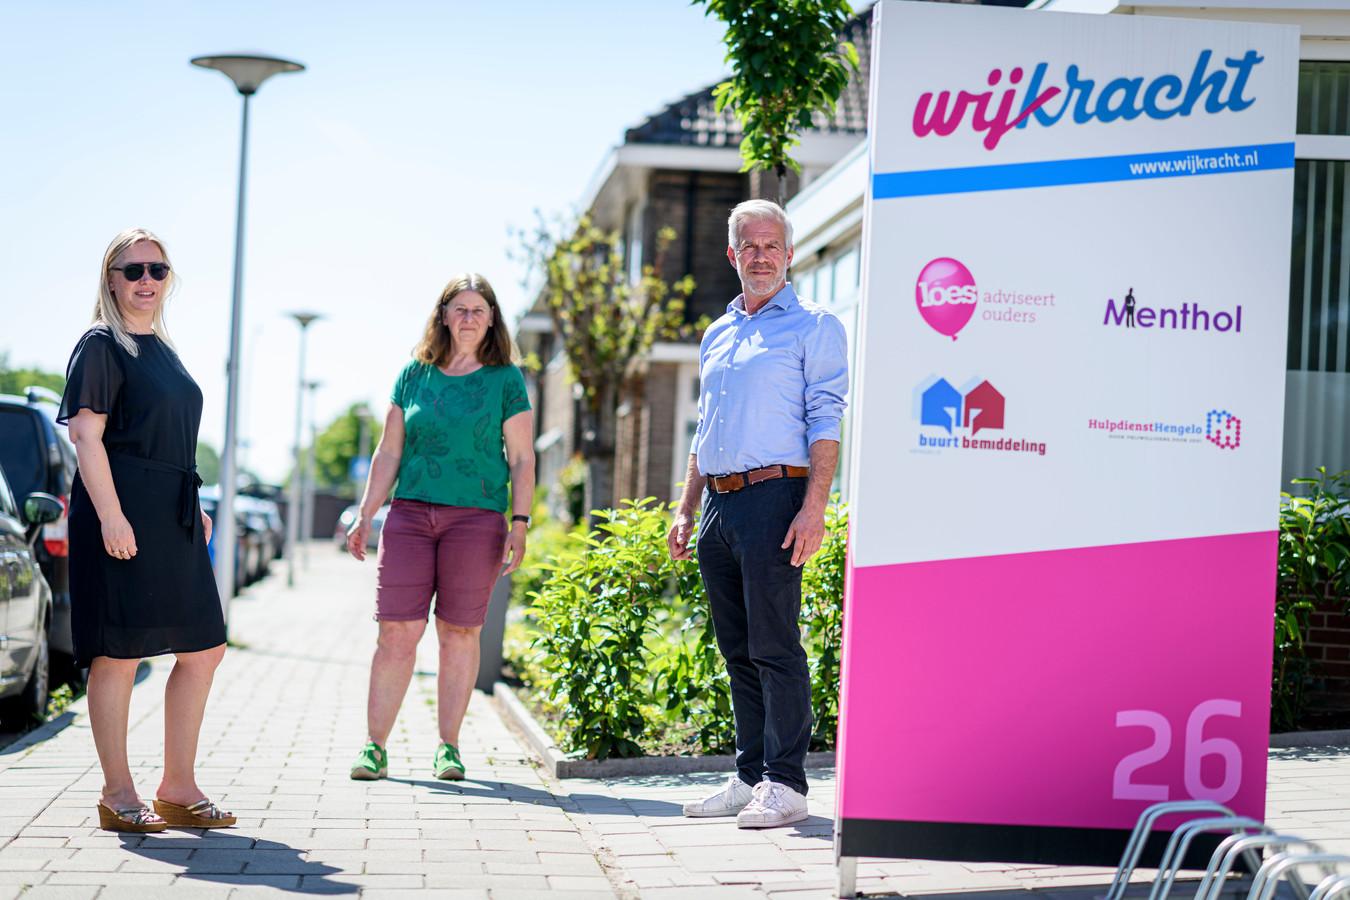 Buurtbemiddeling heeft een druk en bijzonder jaar achter de rug vanwege corona. Vlnr: Mariel van Ooster, Hermien Leussink en Peter van Den Bosch van Wijkracht in Hengelo, die de buurtbemiddeling in meerdere gemeenten in deze regio doet.